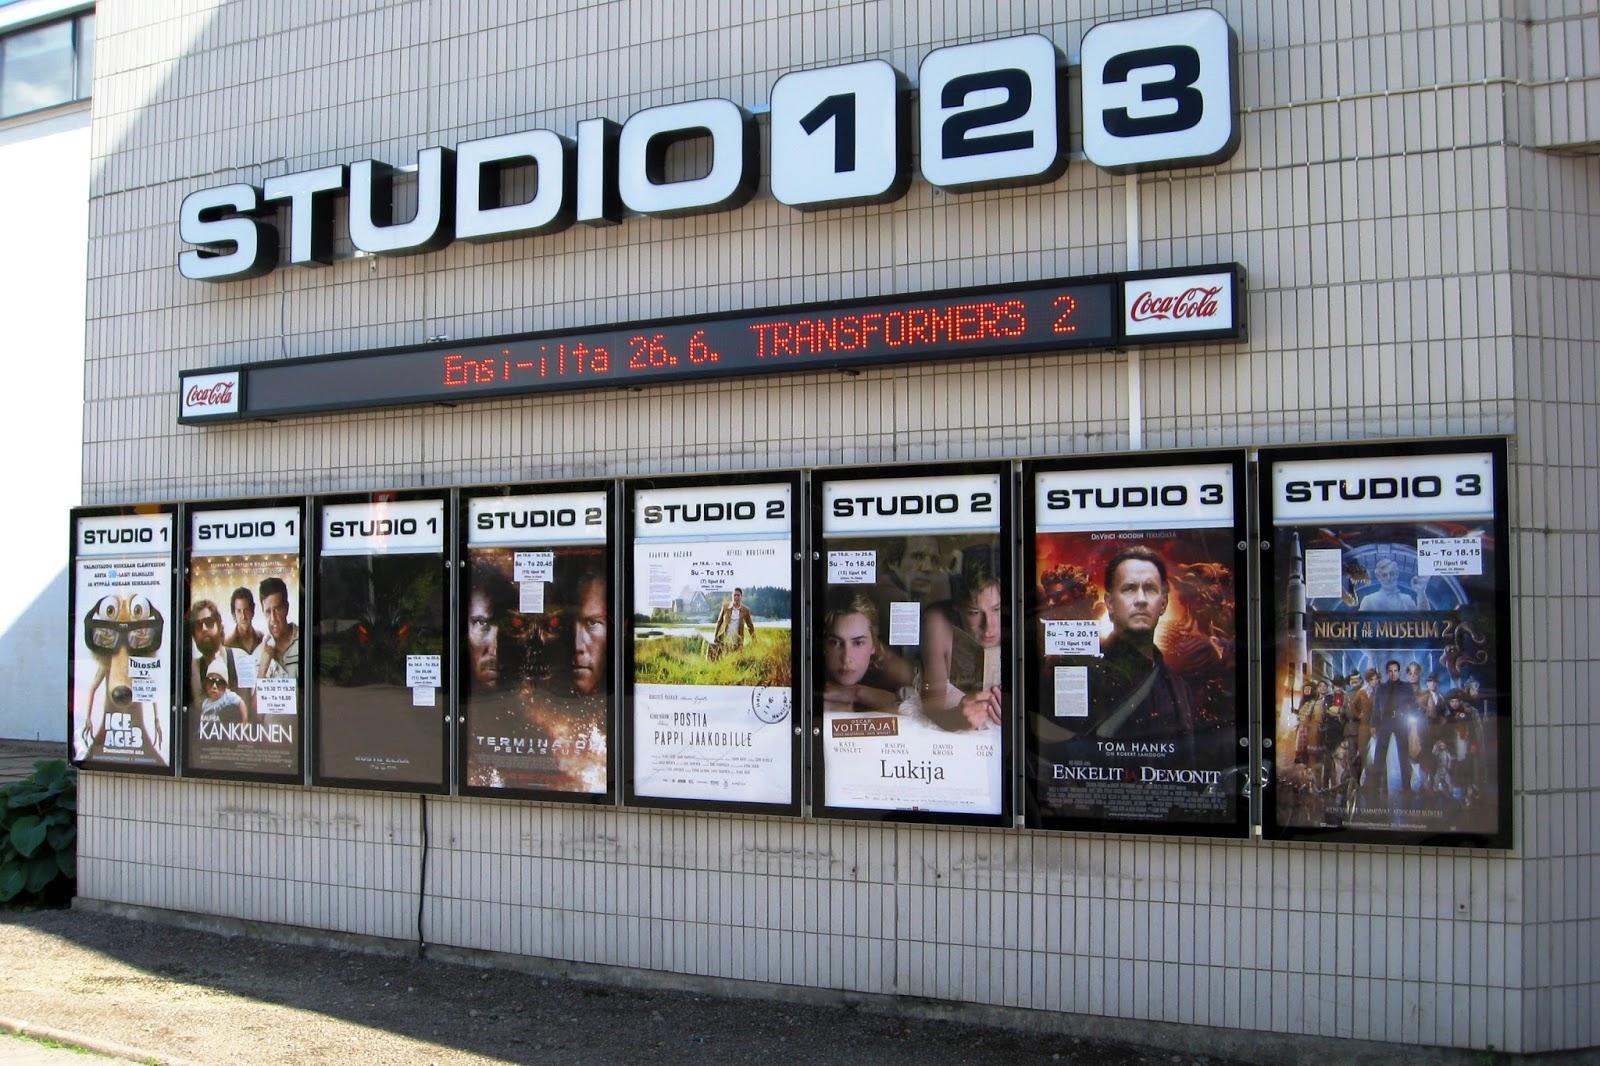 Kino Järvenpää